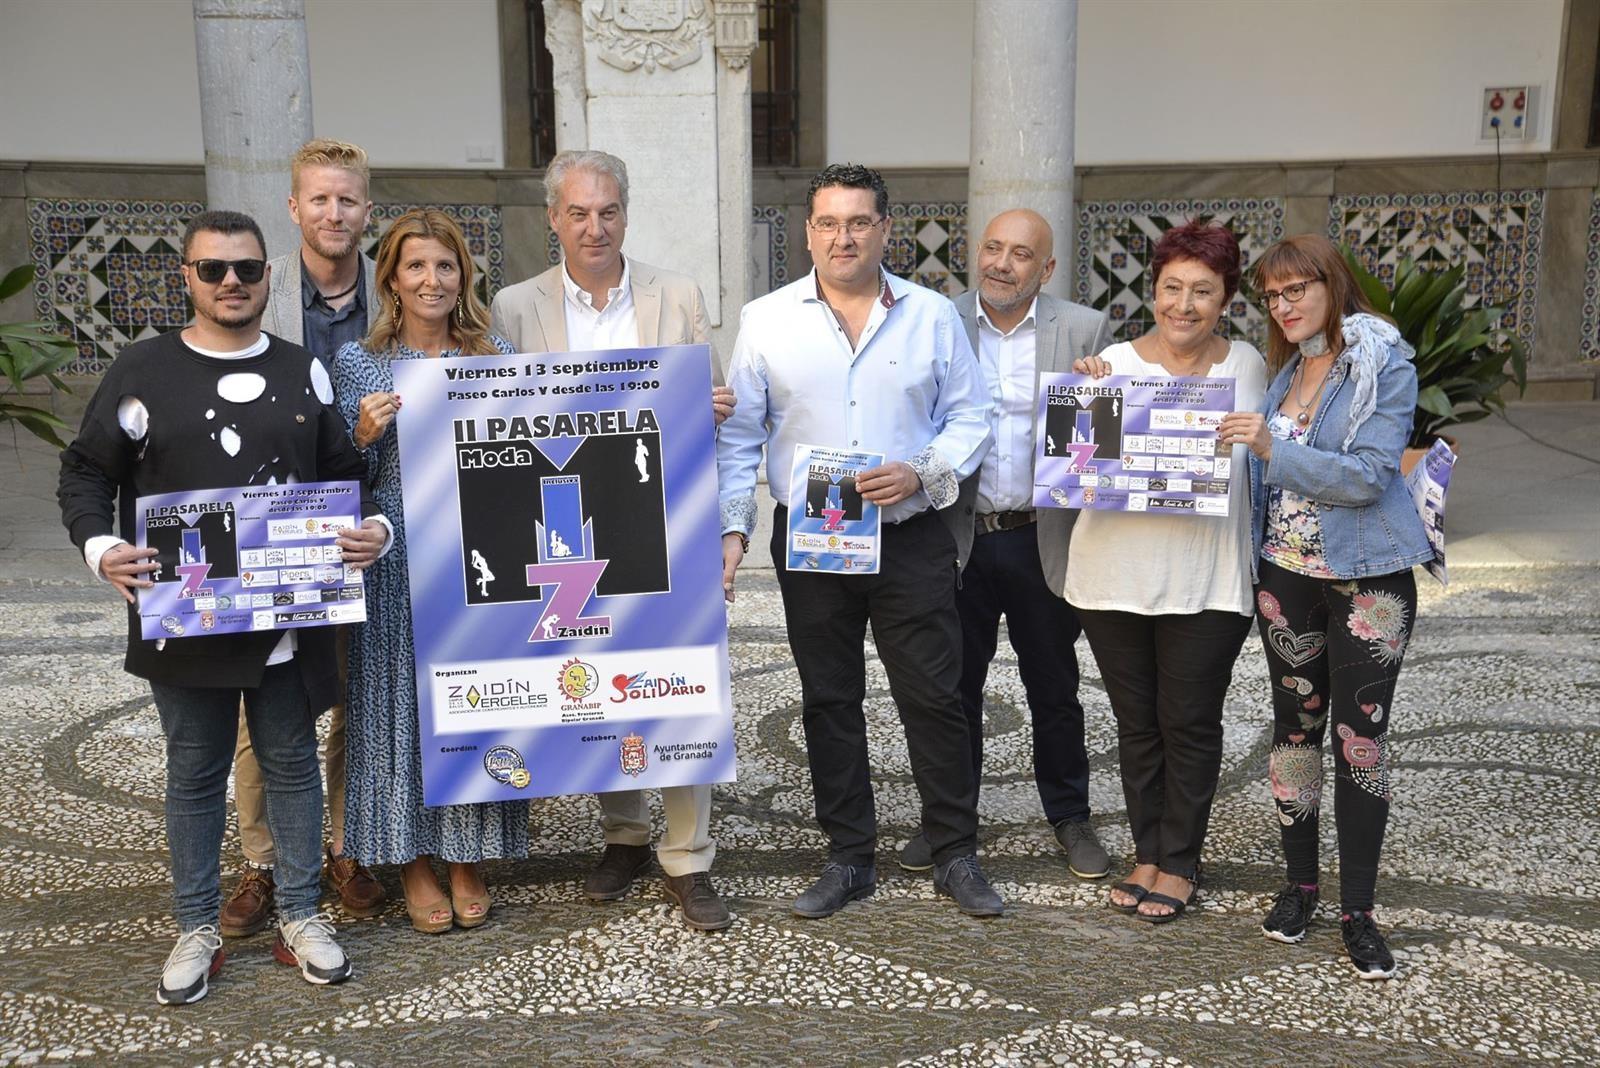 El Zaidín celebra la segunda edición de la pasarela solidaria de moda inclusiva